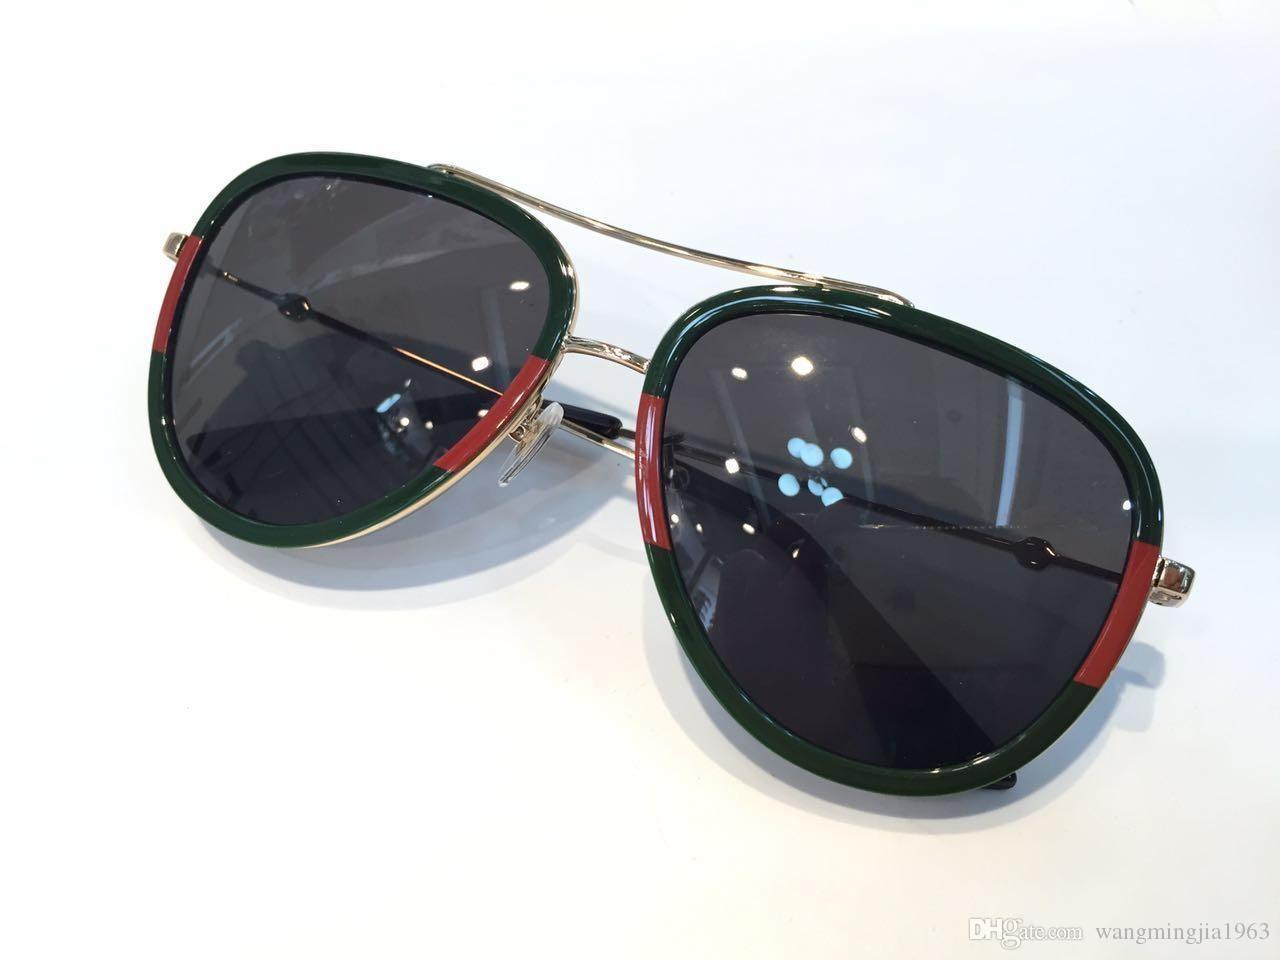 مصمم النظارات الشمسية للرجال النظارات الشمسية الفاخرة للنساء الرجال نظارات الشمس النساء الرجال النظارات مصمم النظارات الرجال النظارات الشمسية oculos de 0062